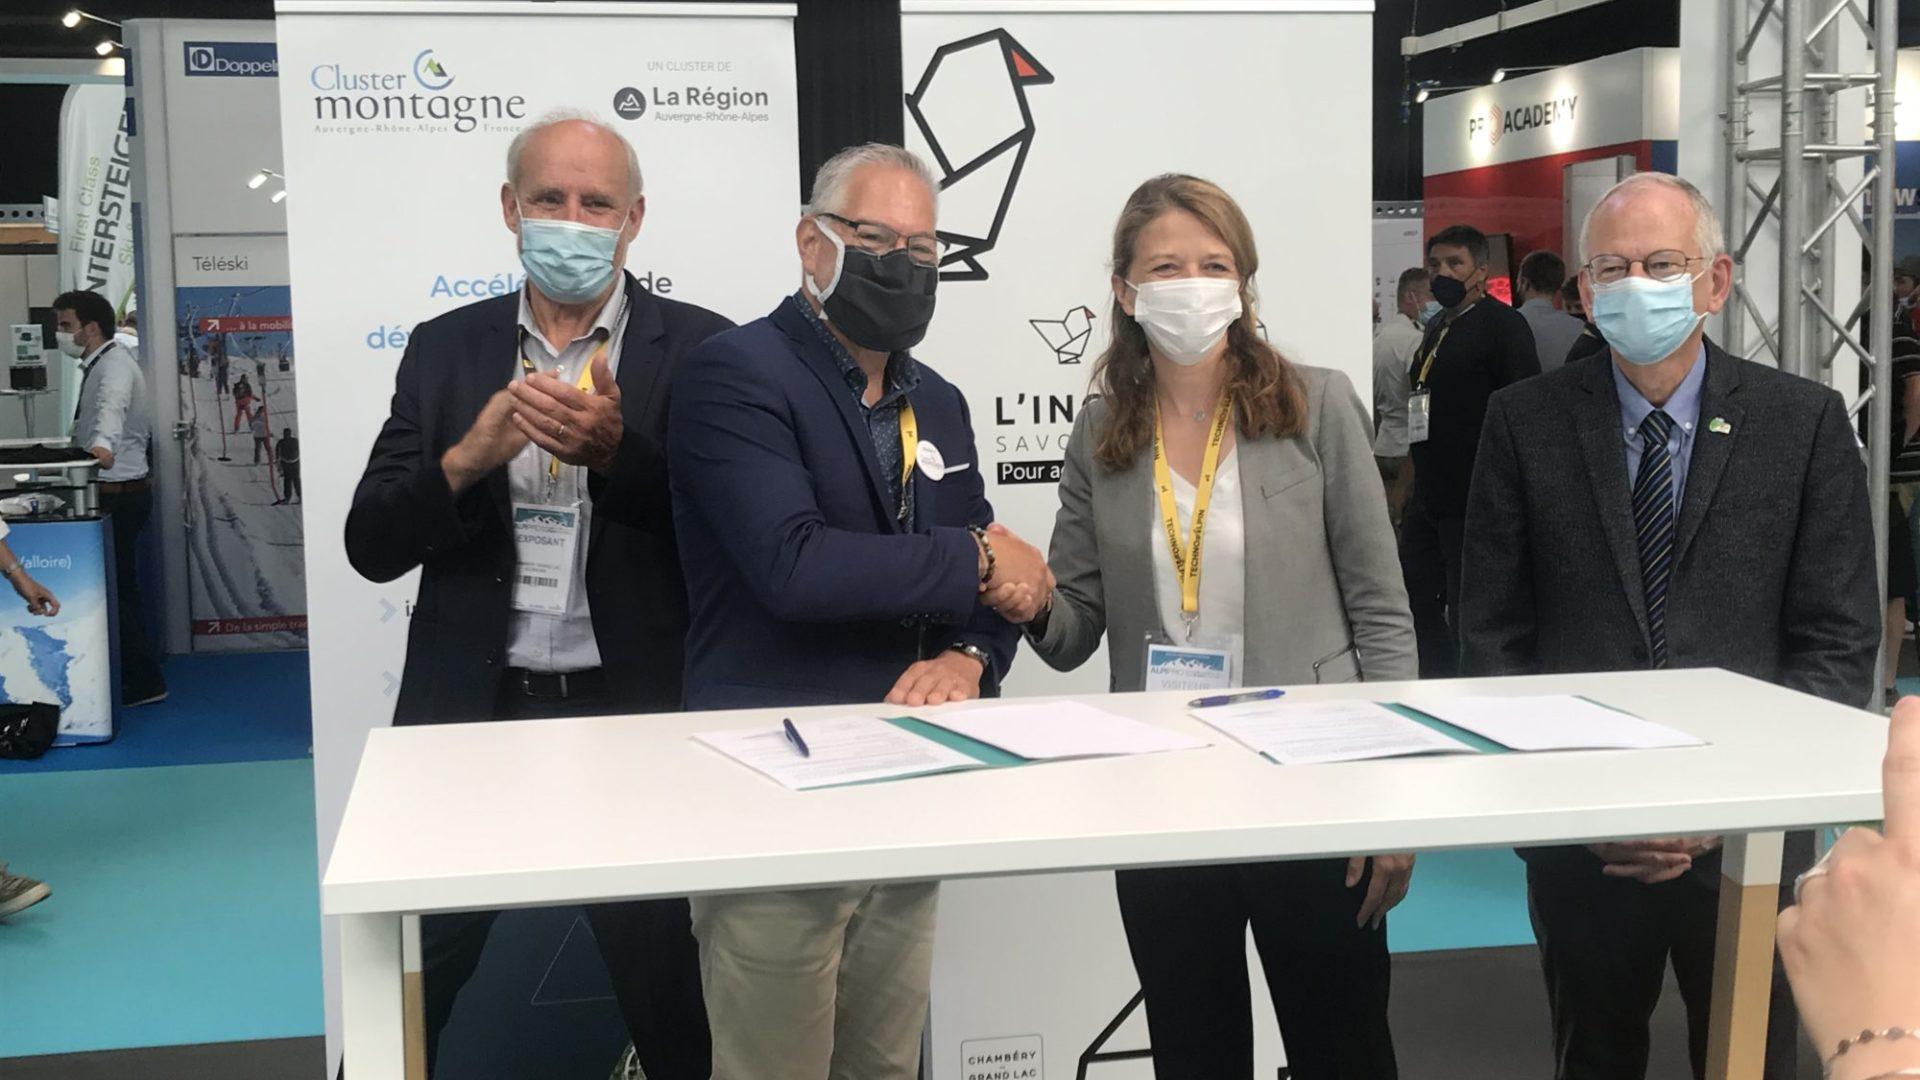 L'incubateur Savoie Technolac et le Cluster Montagne renouvèlent leur partenariat en faveur de la création d'entreprises